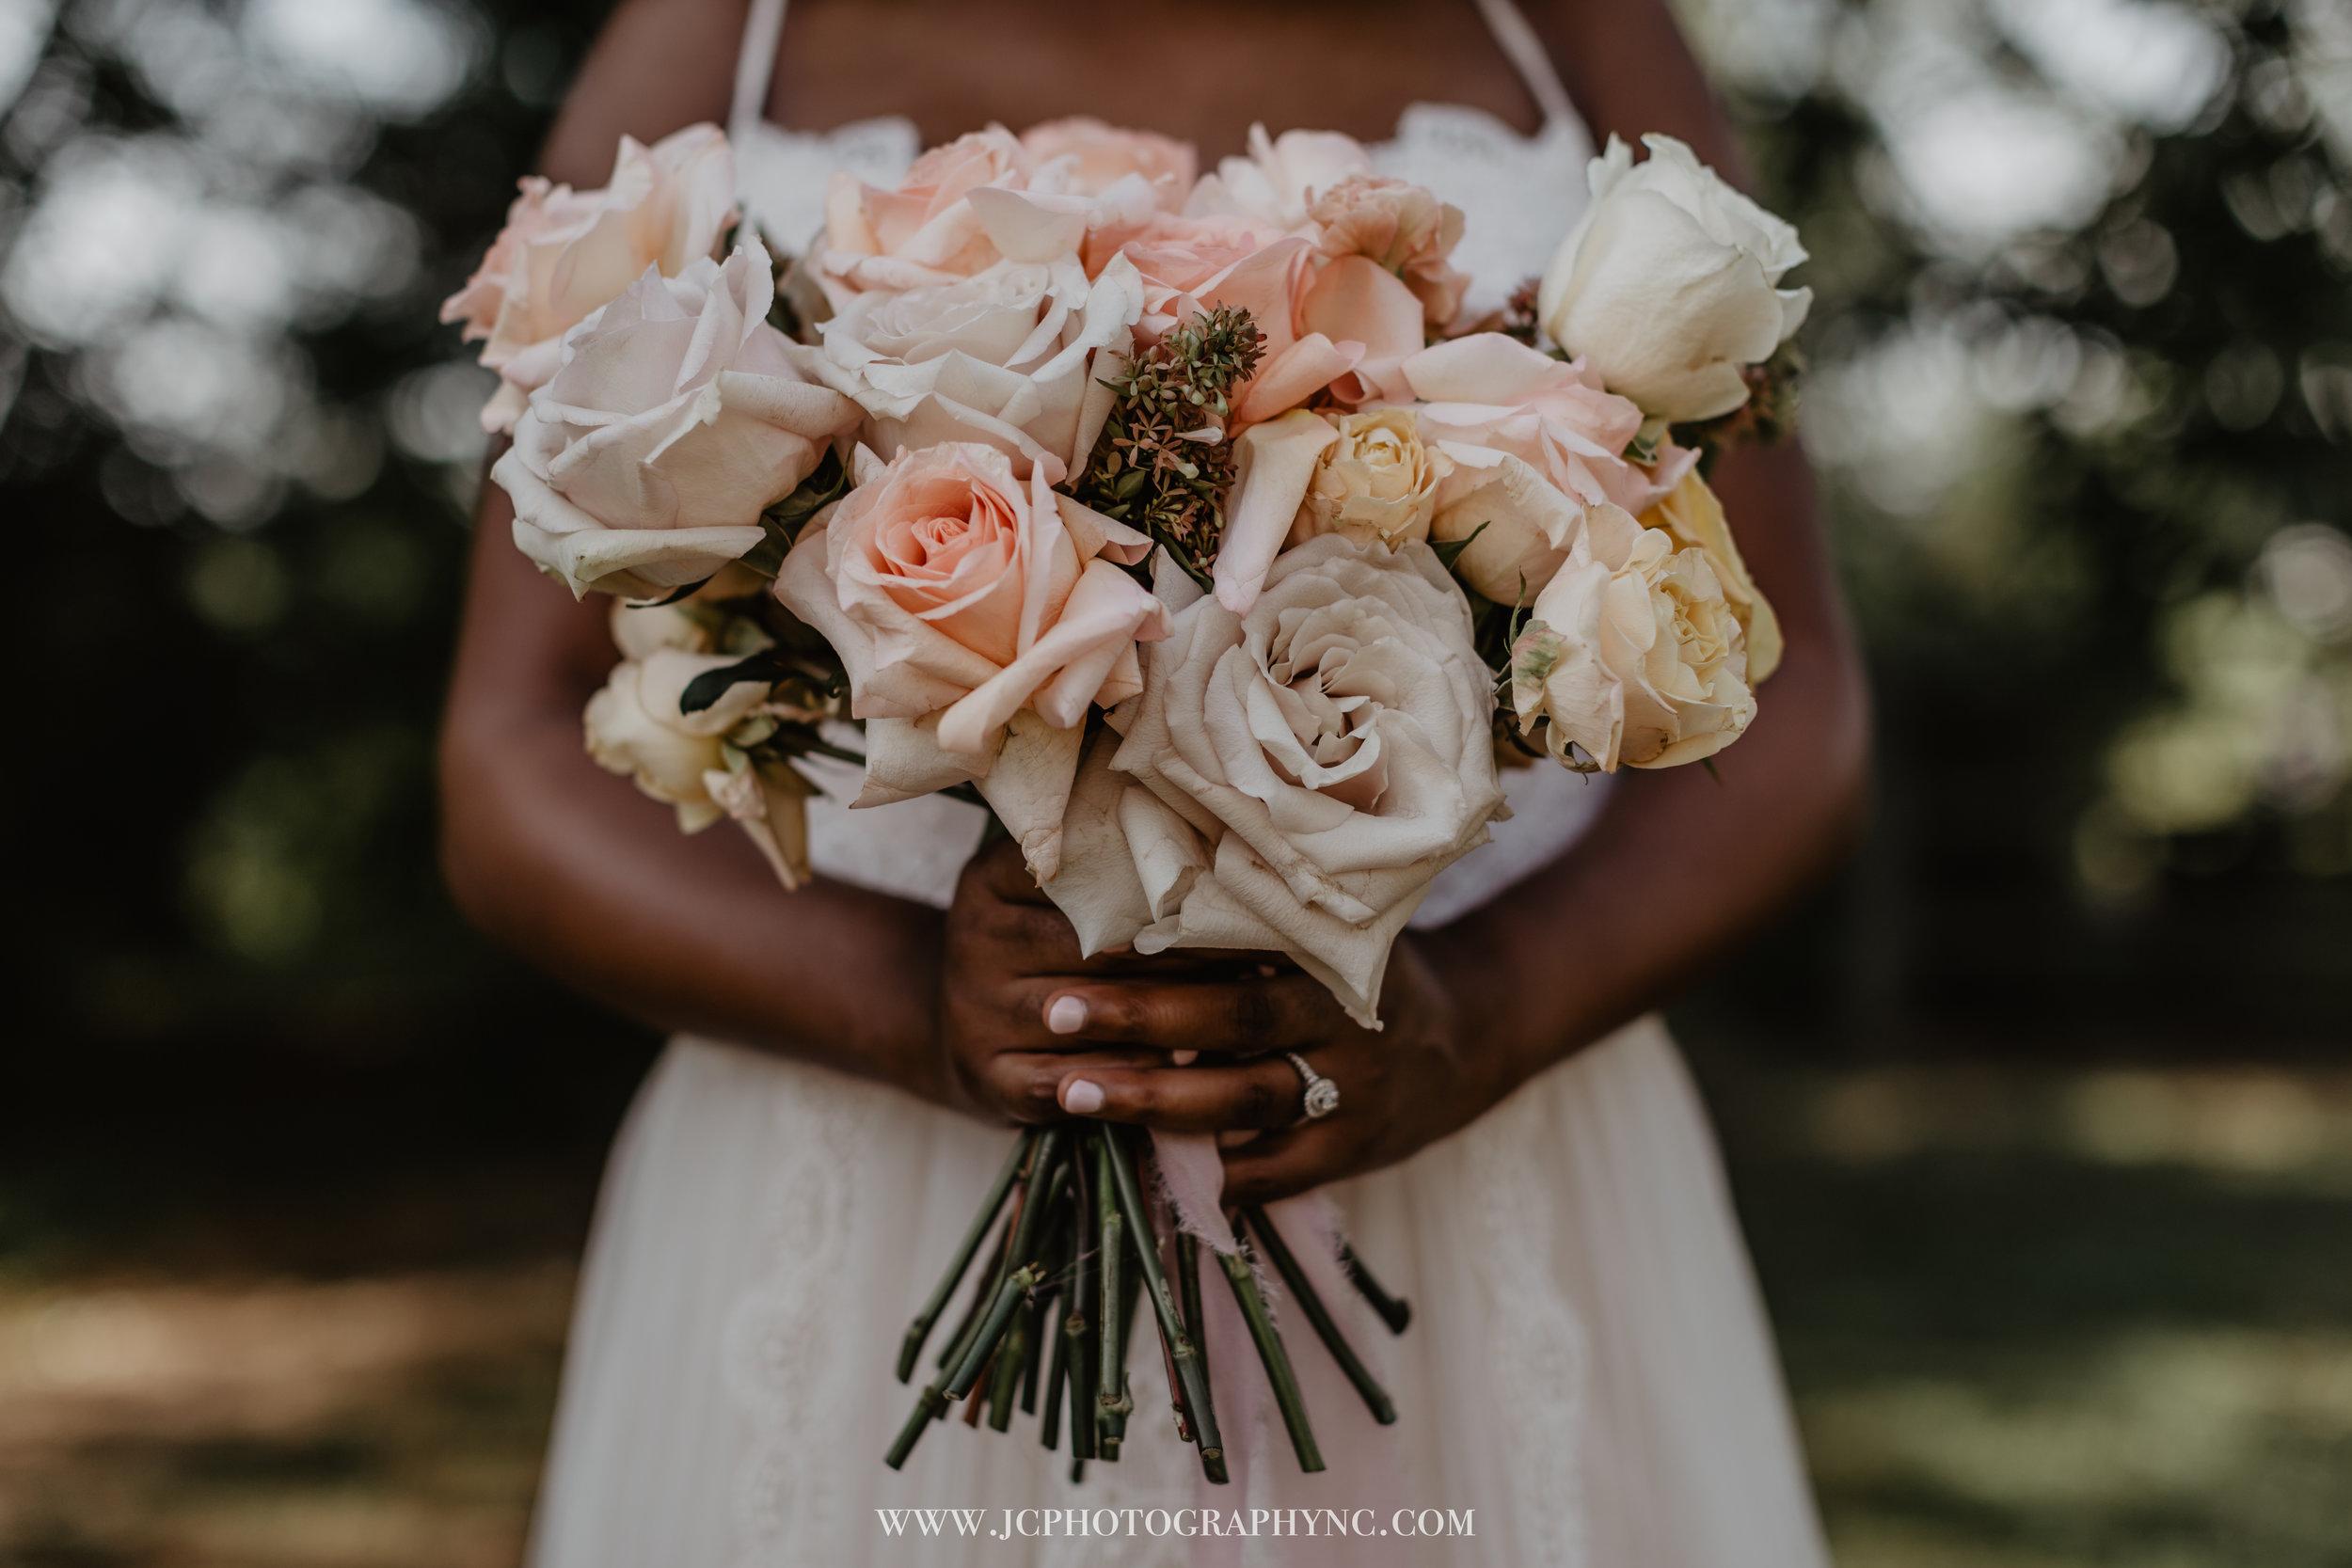 wedding planner florals bouquet raleigh nc